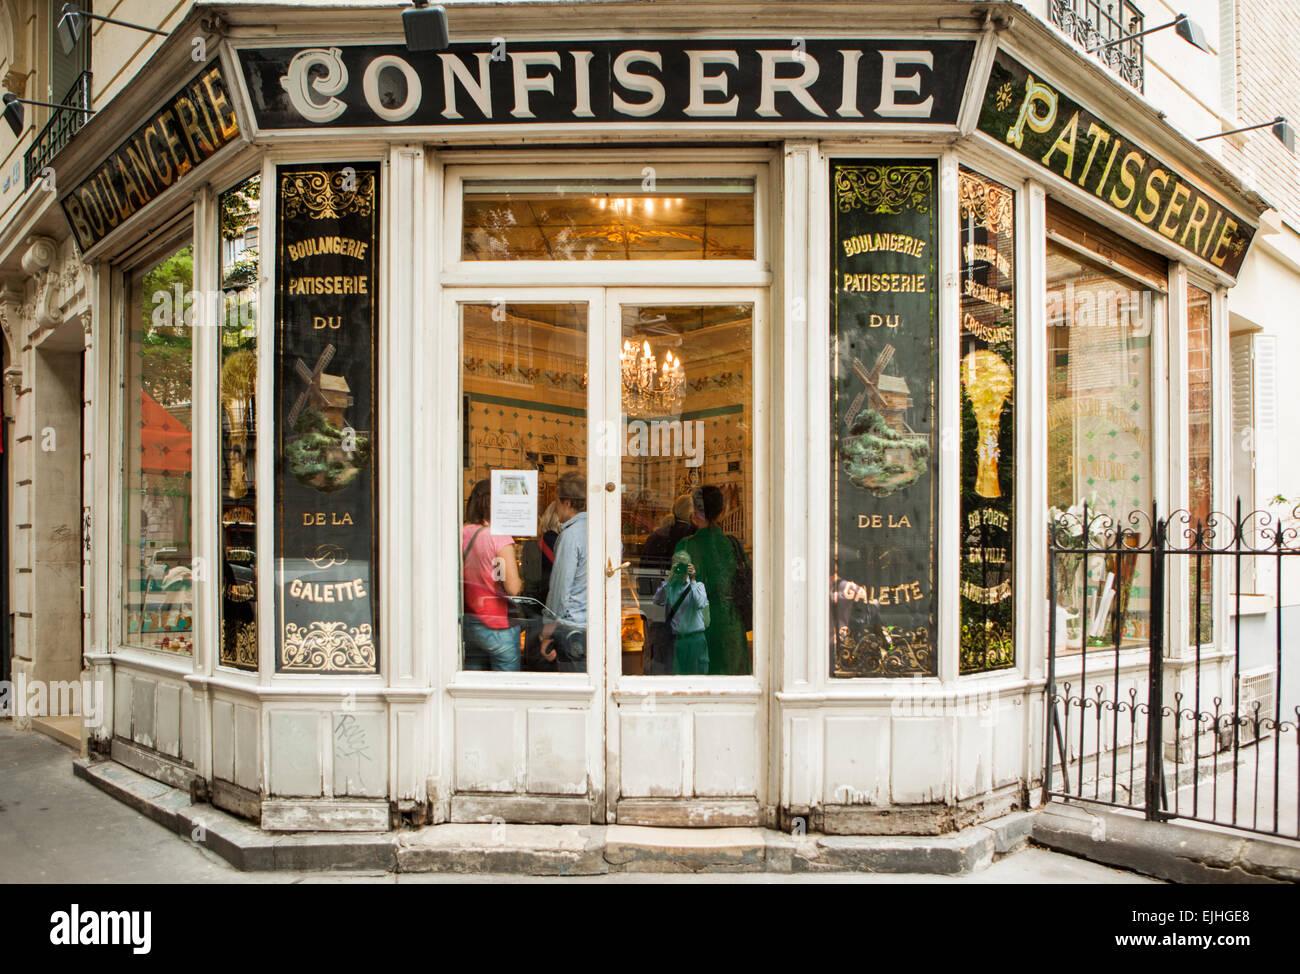 Boulangerie du moulin de la galette montmartre paris france stock photo royalty free image - Moulin a cafe boulanger ...